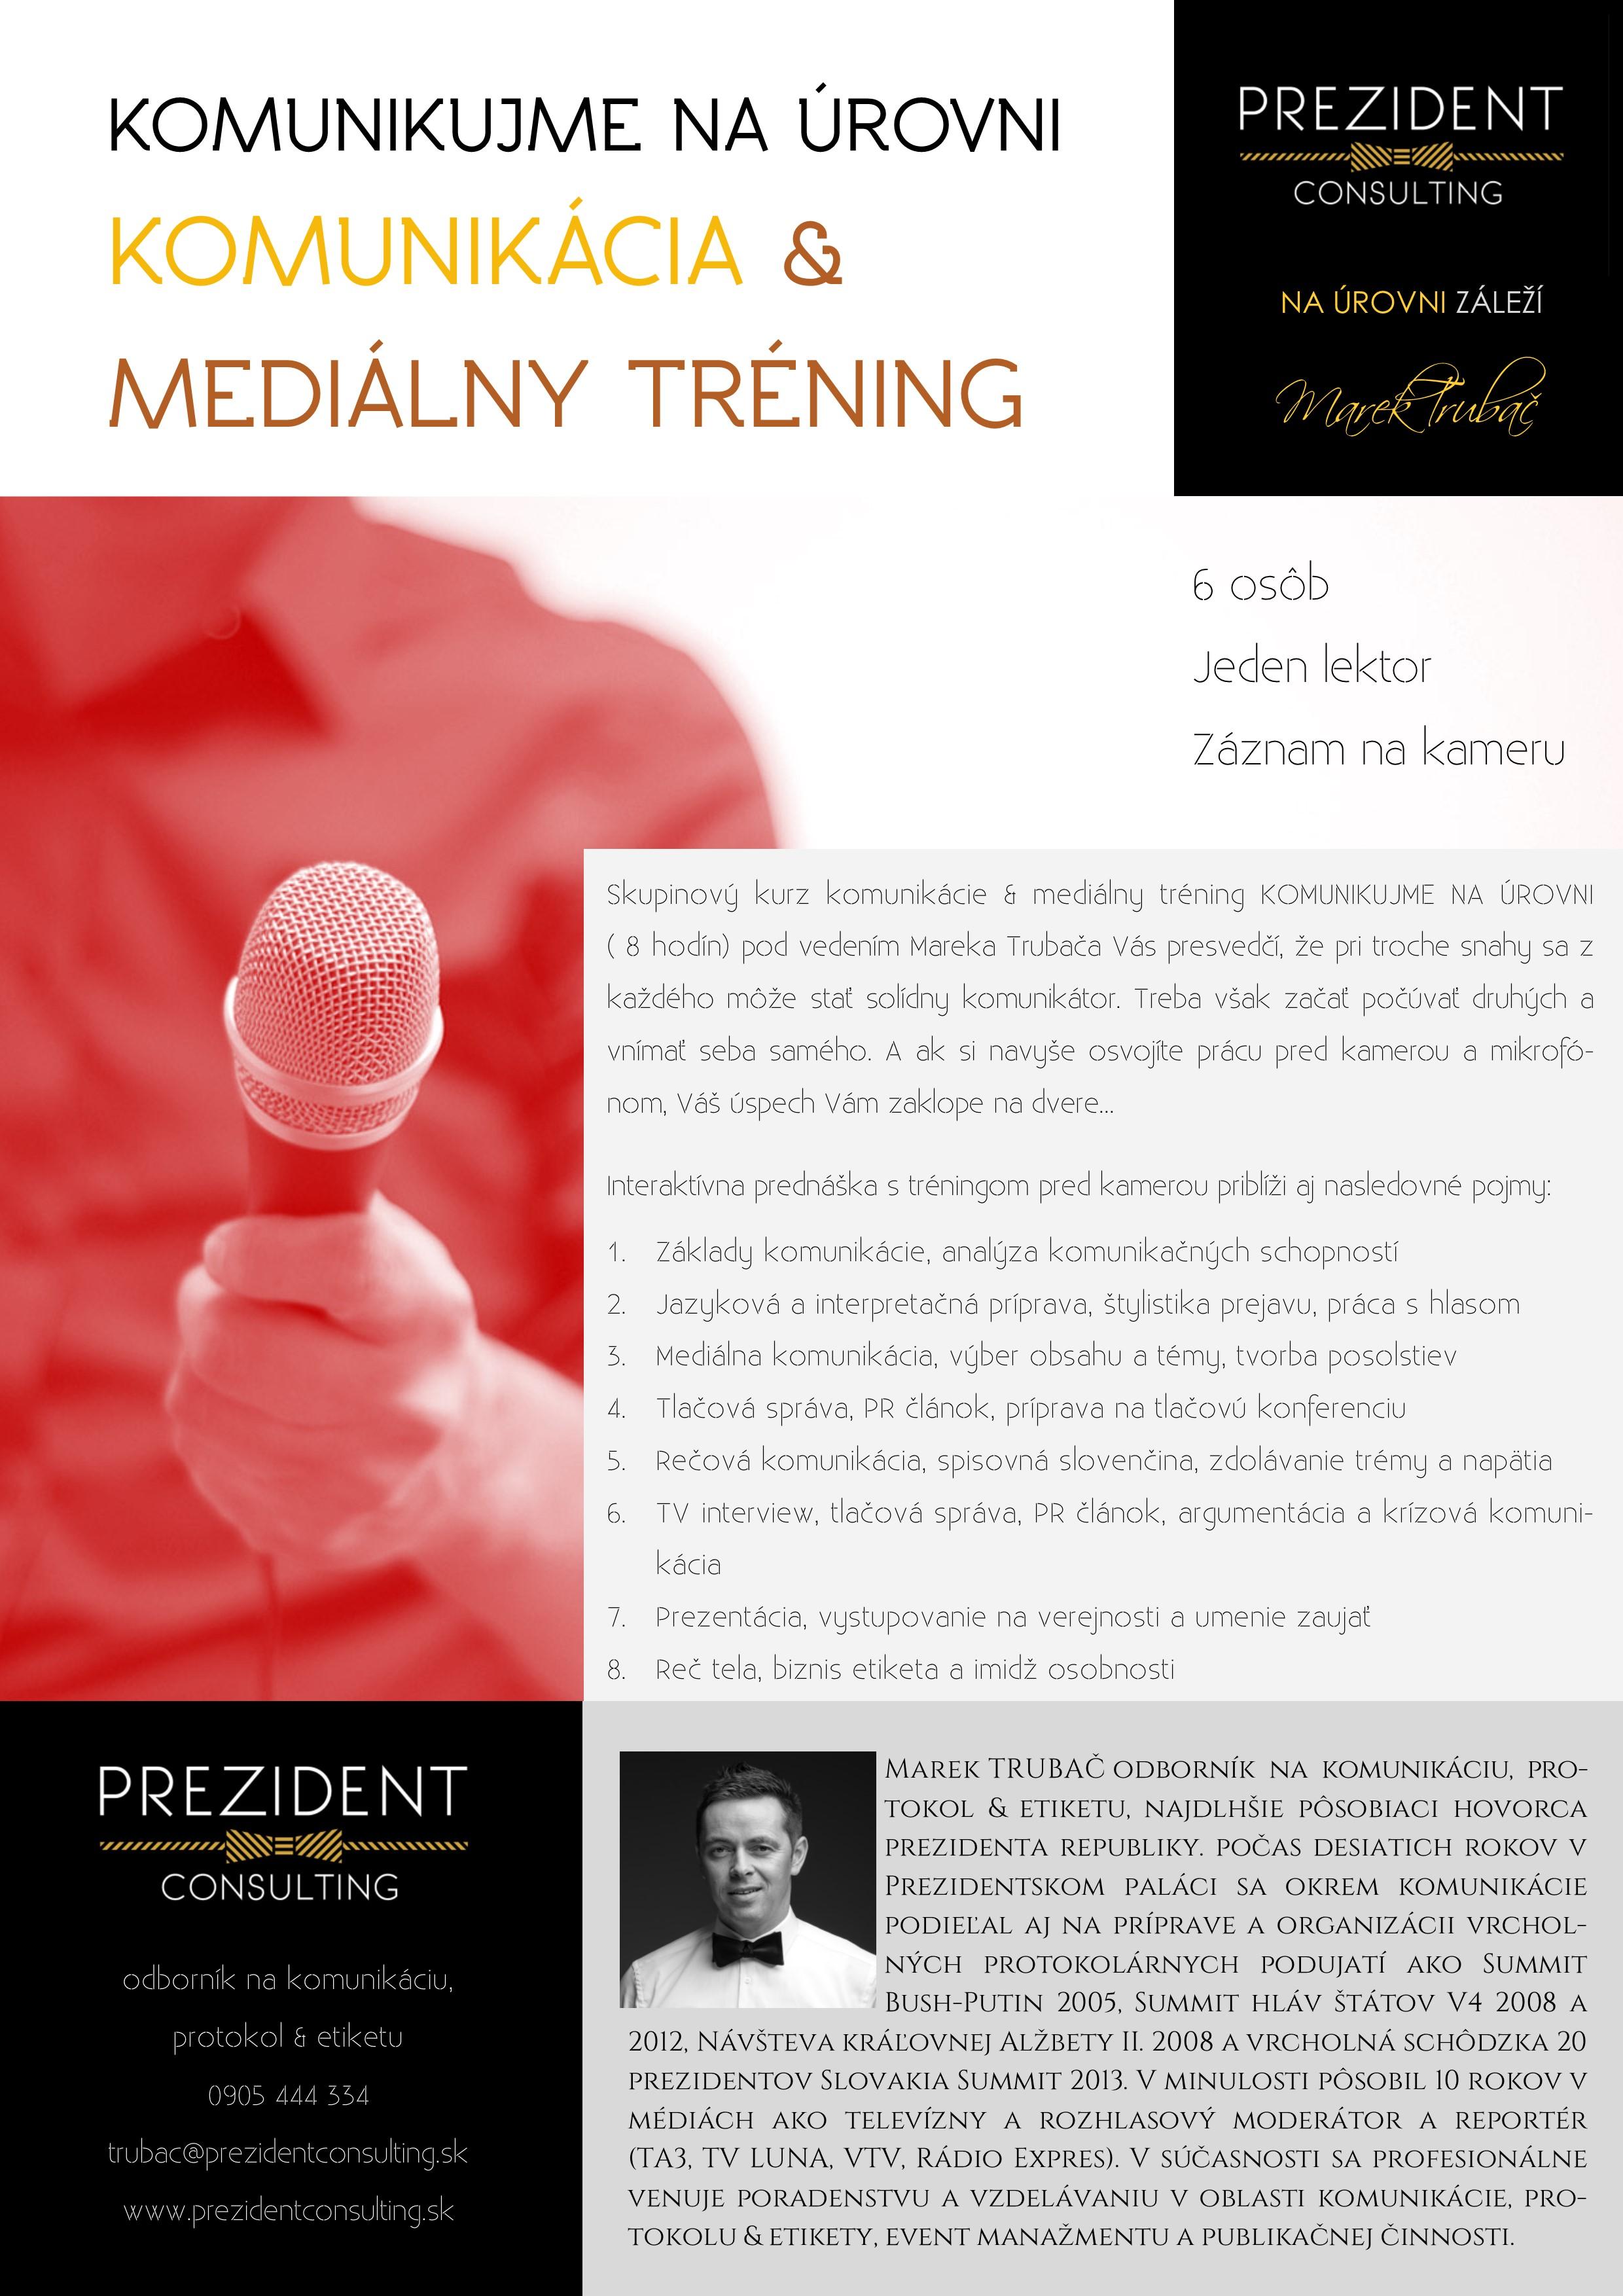 Komunikujme na úrovni - komunikácia & mediálny tréning s Marekom Trubačom 2018 - skupinový